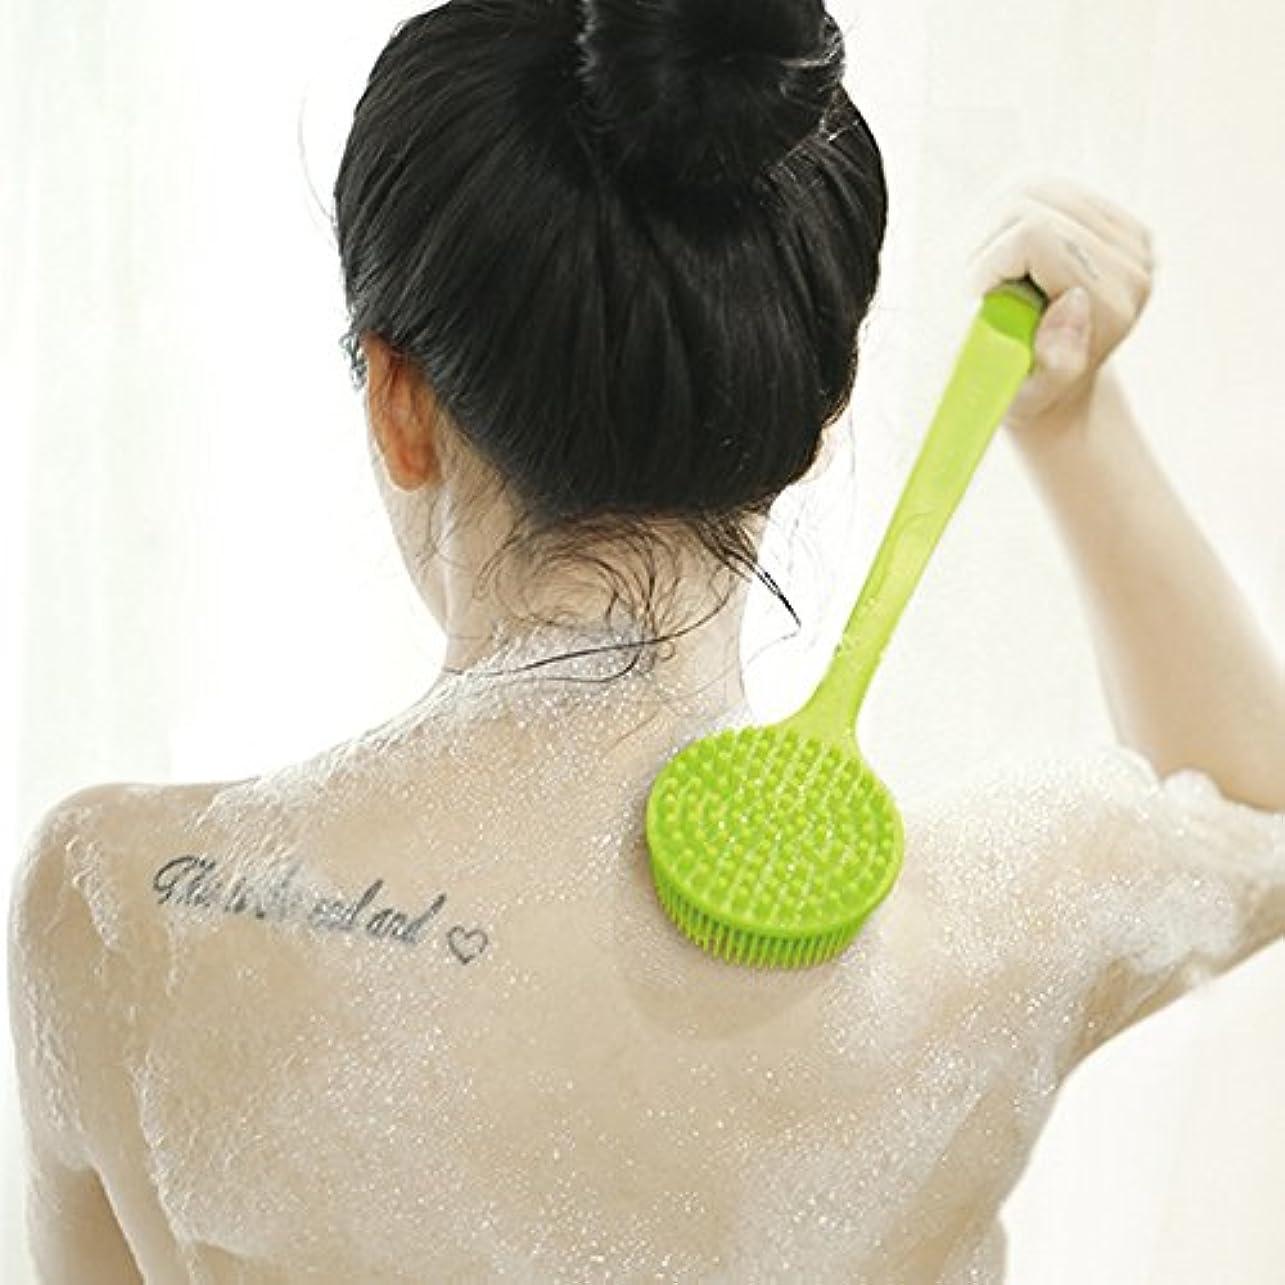 服を片付ける拾う枕ボディブラシ シャワーブラシ お風呂用 シリコン製 体洗い マッサージブラシ 毛穴洗浄 角質除去 多機能 柔らかい